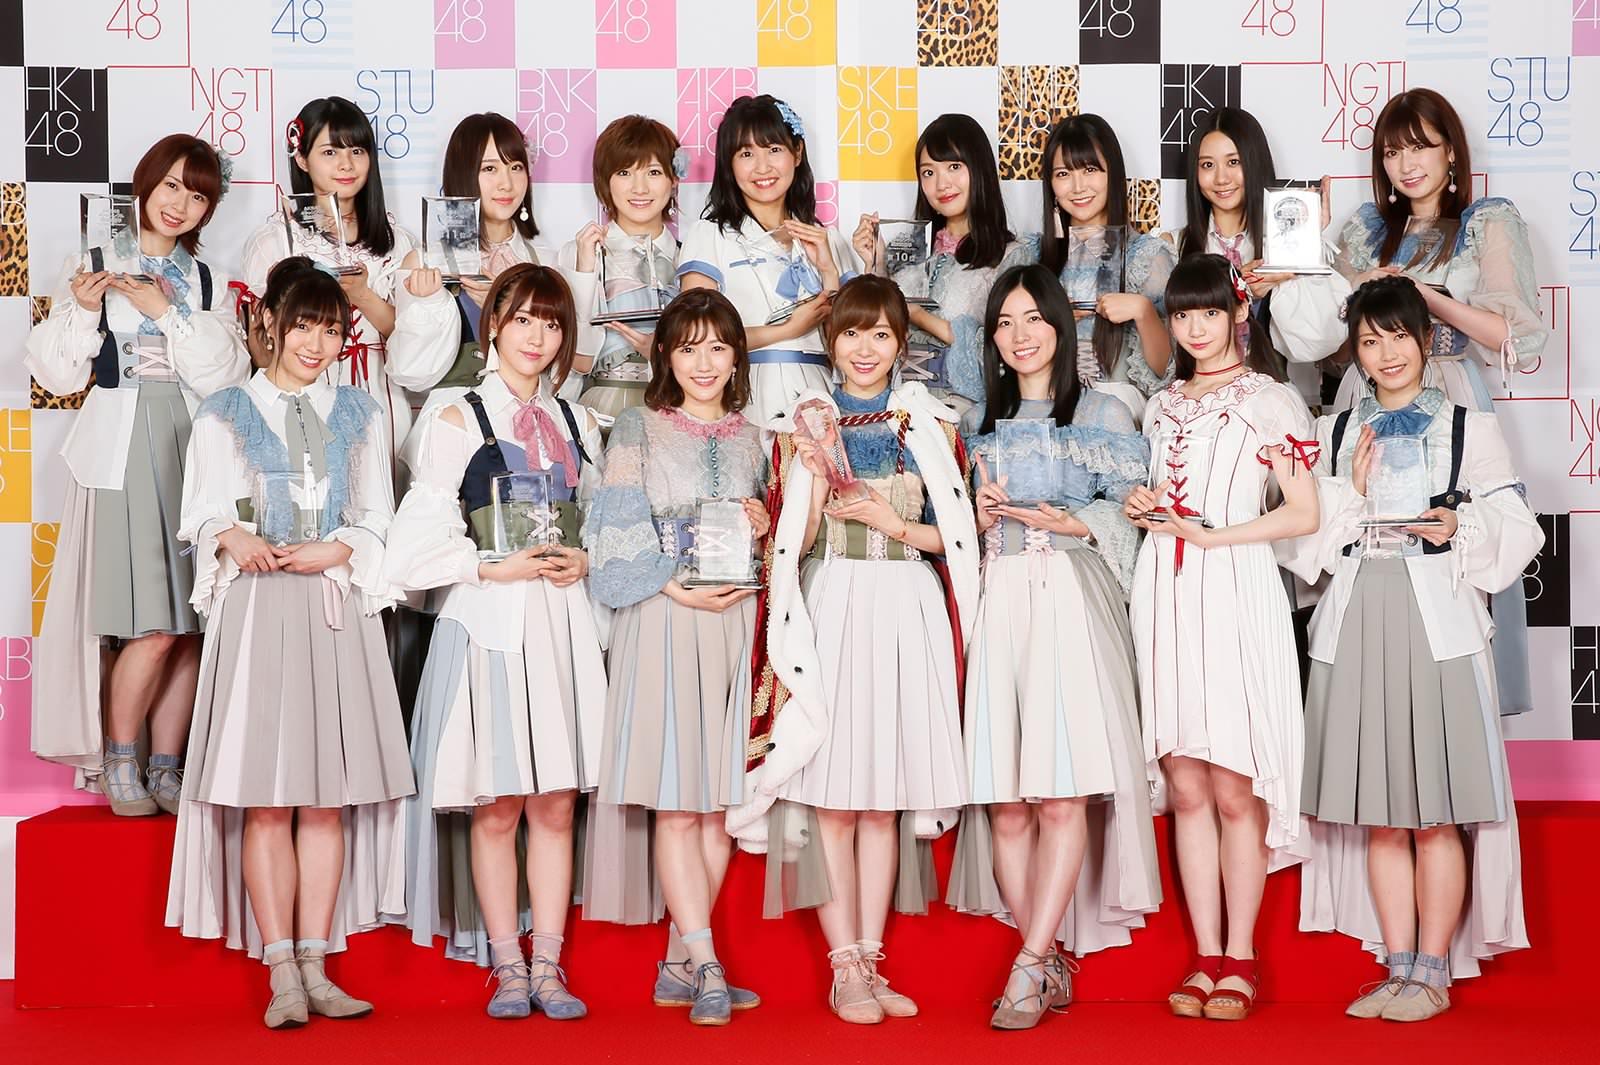 Dàn senbatsu ở kì Senbatsu Sousenkyo 2017. Trong những cô gái này thì có 2 người gật đầu tham gia Produce 48 là Miyawaki Sakura (hàng dưới, đứng thứ 2 từ trái qua phải) và Matsui Jurina (hàng dưới, đứng thứ 3 từ phải qua trái).